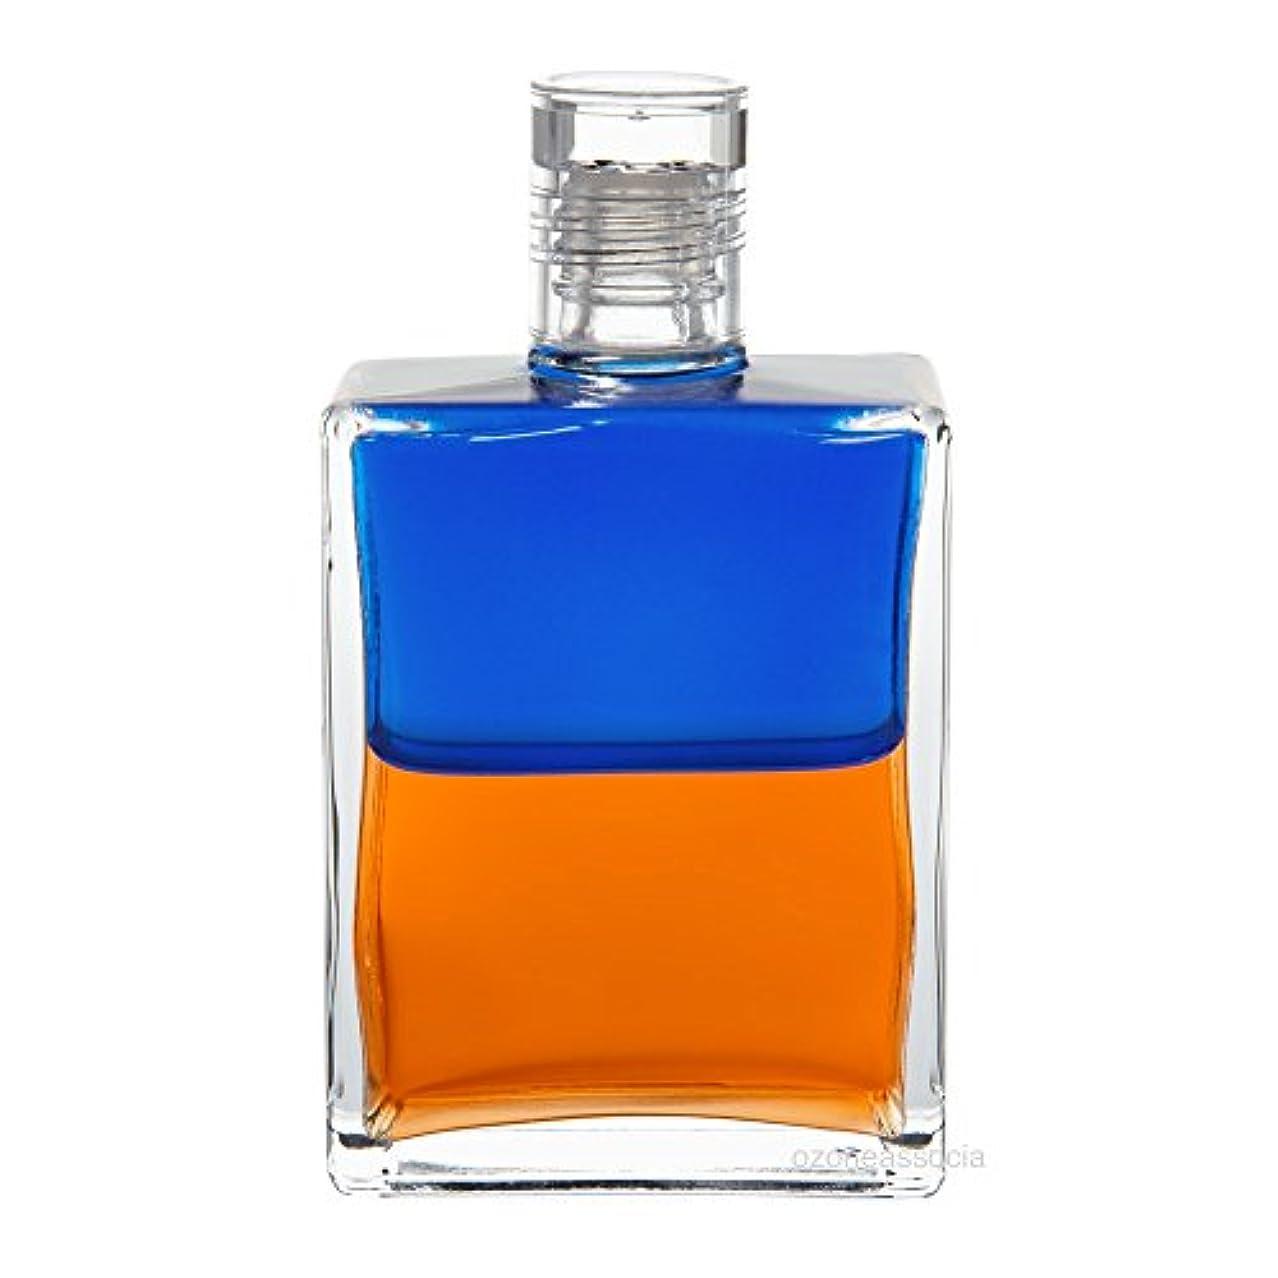 自宅で音声発送オーラソーマ ボトル 72番  クラウン/ピエロ (ブルー/オレンジ) イクイリブリアムボトル50ml Aurasoma